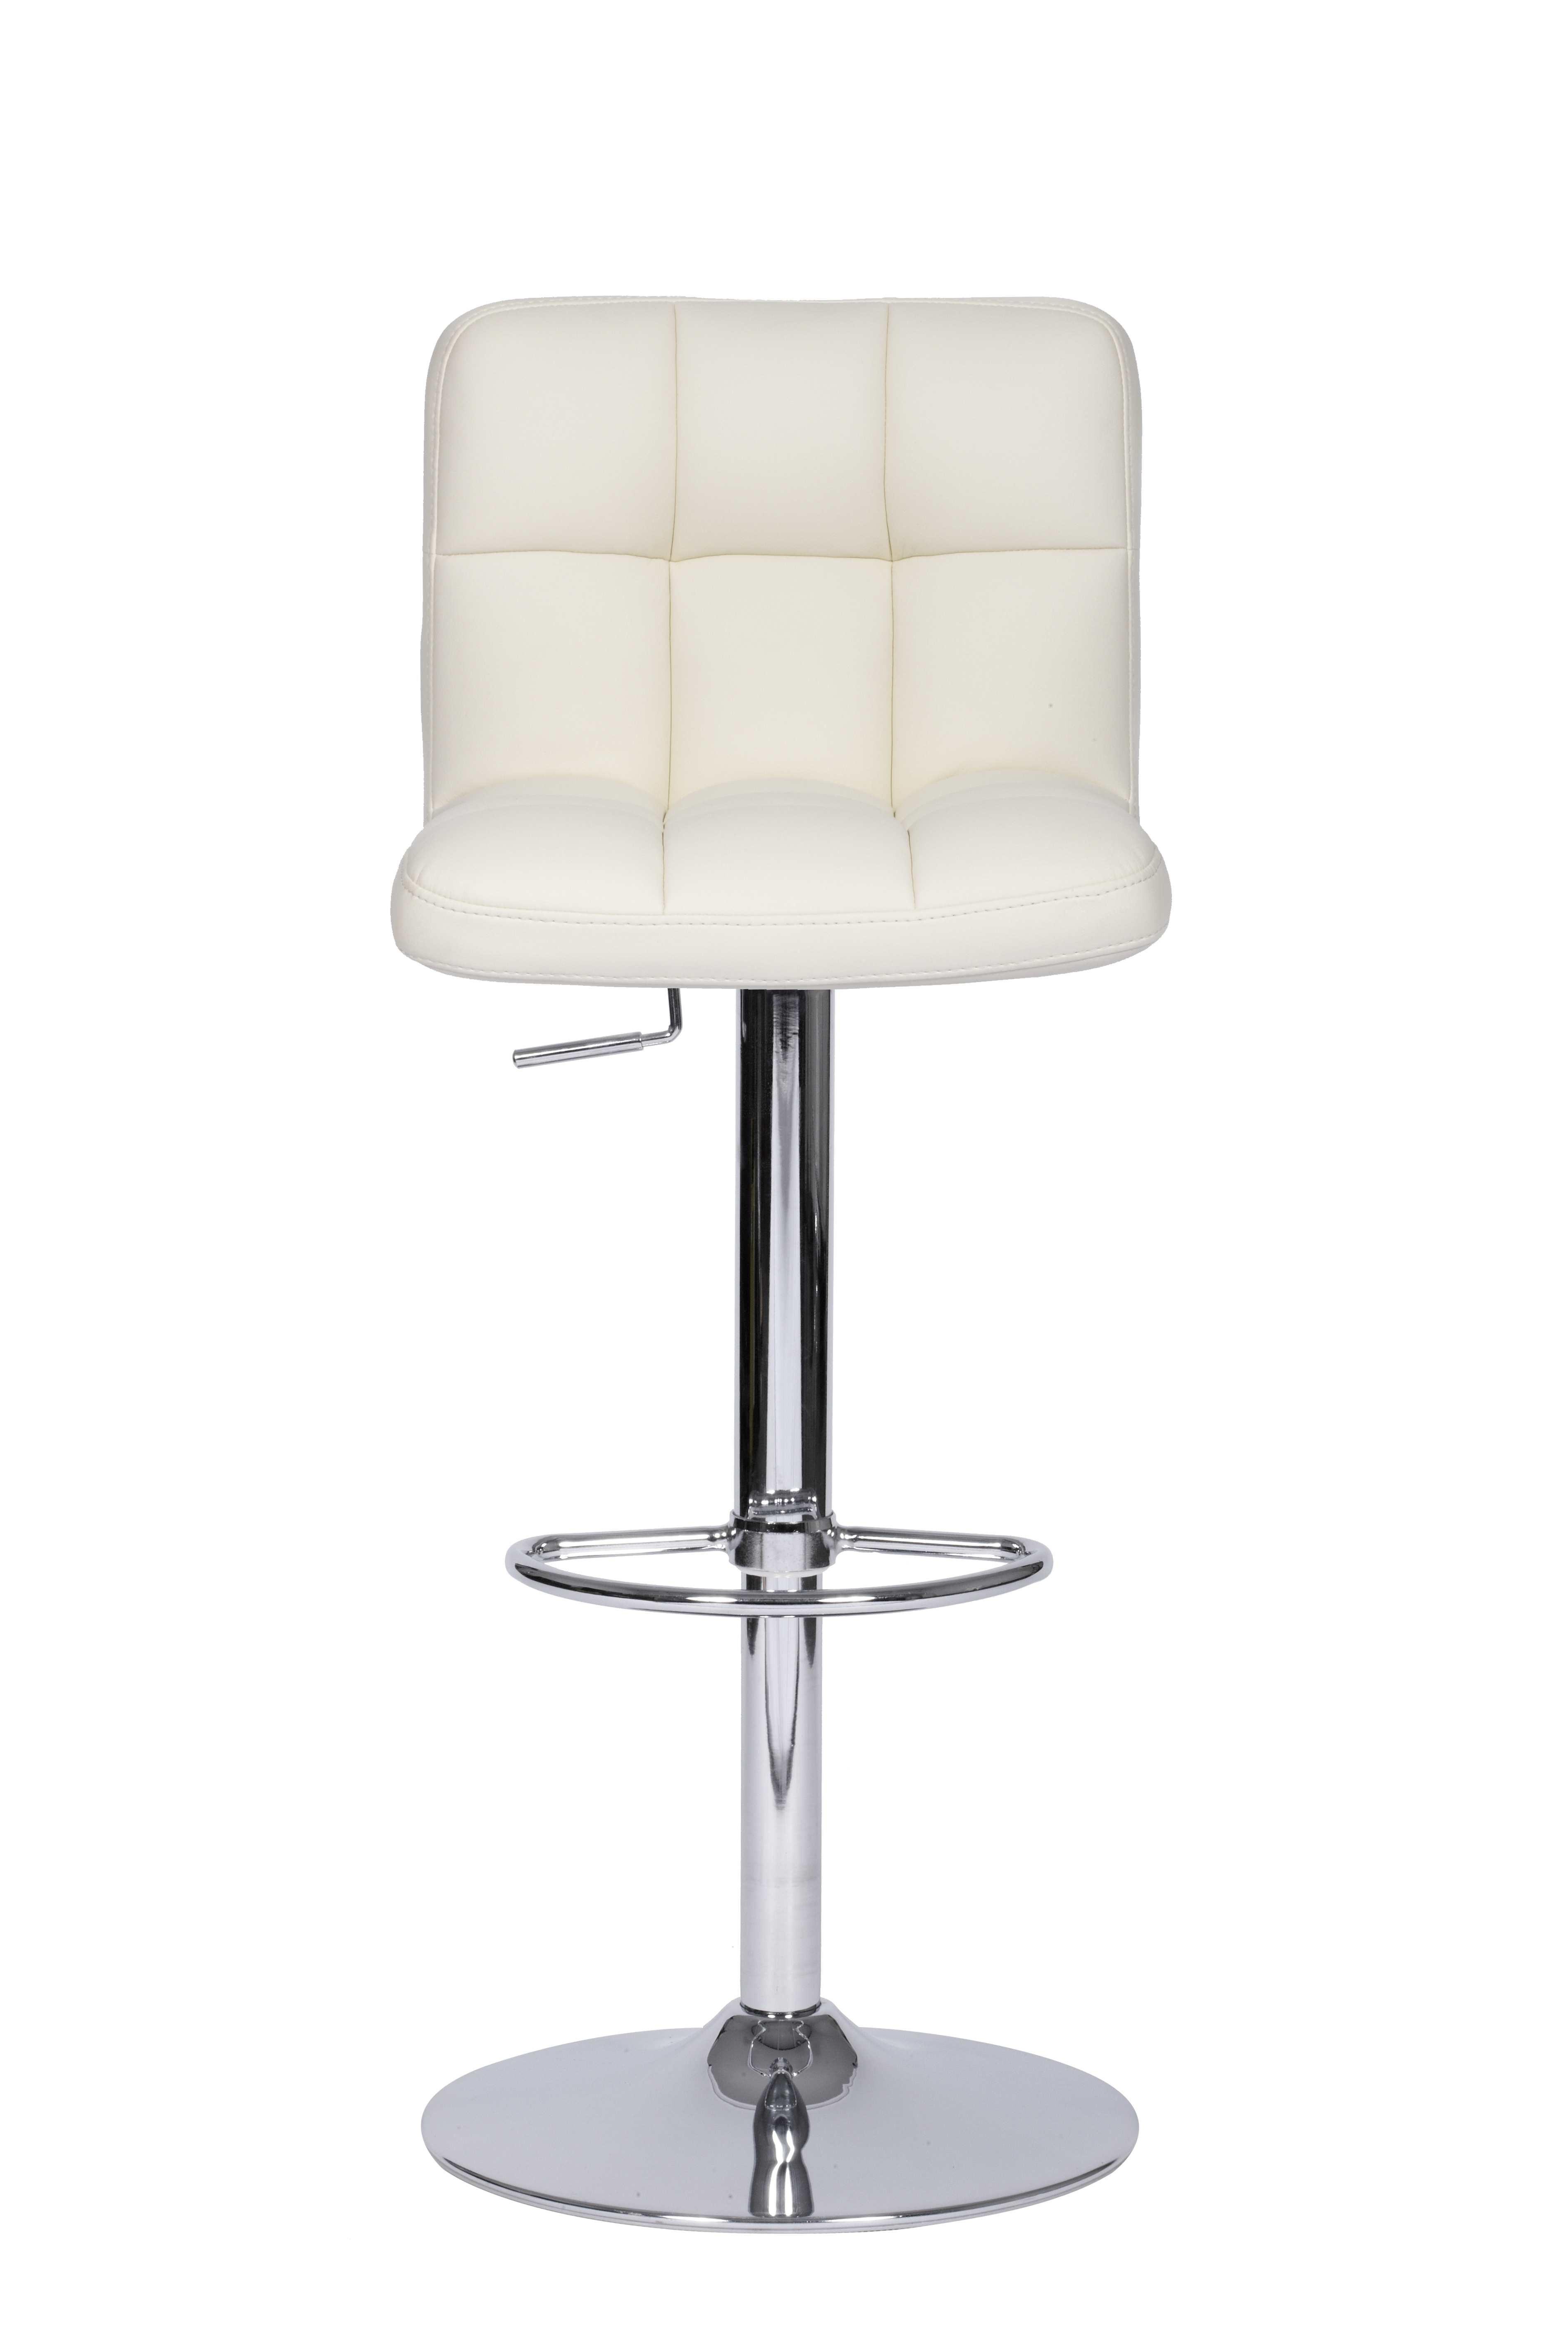 tabouret de bar babou maison et mobilier d 39 int rieur. Black Bedroom Furniture Sets. Home Design Ideas